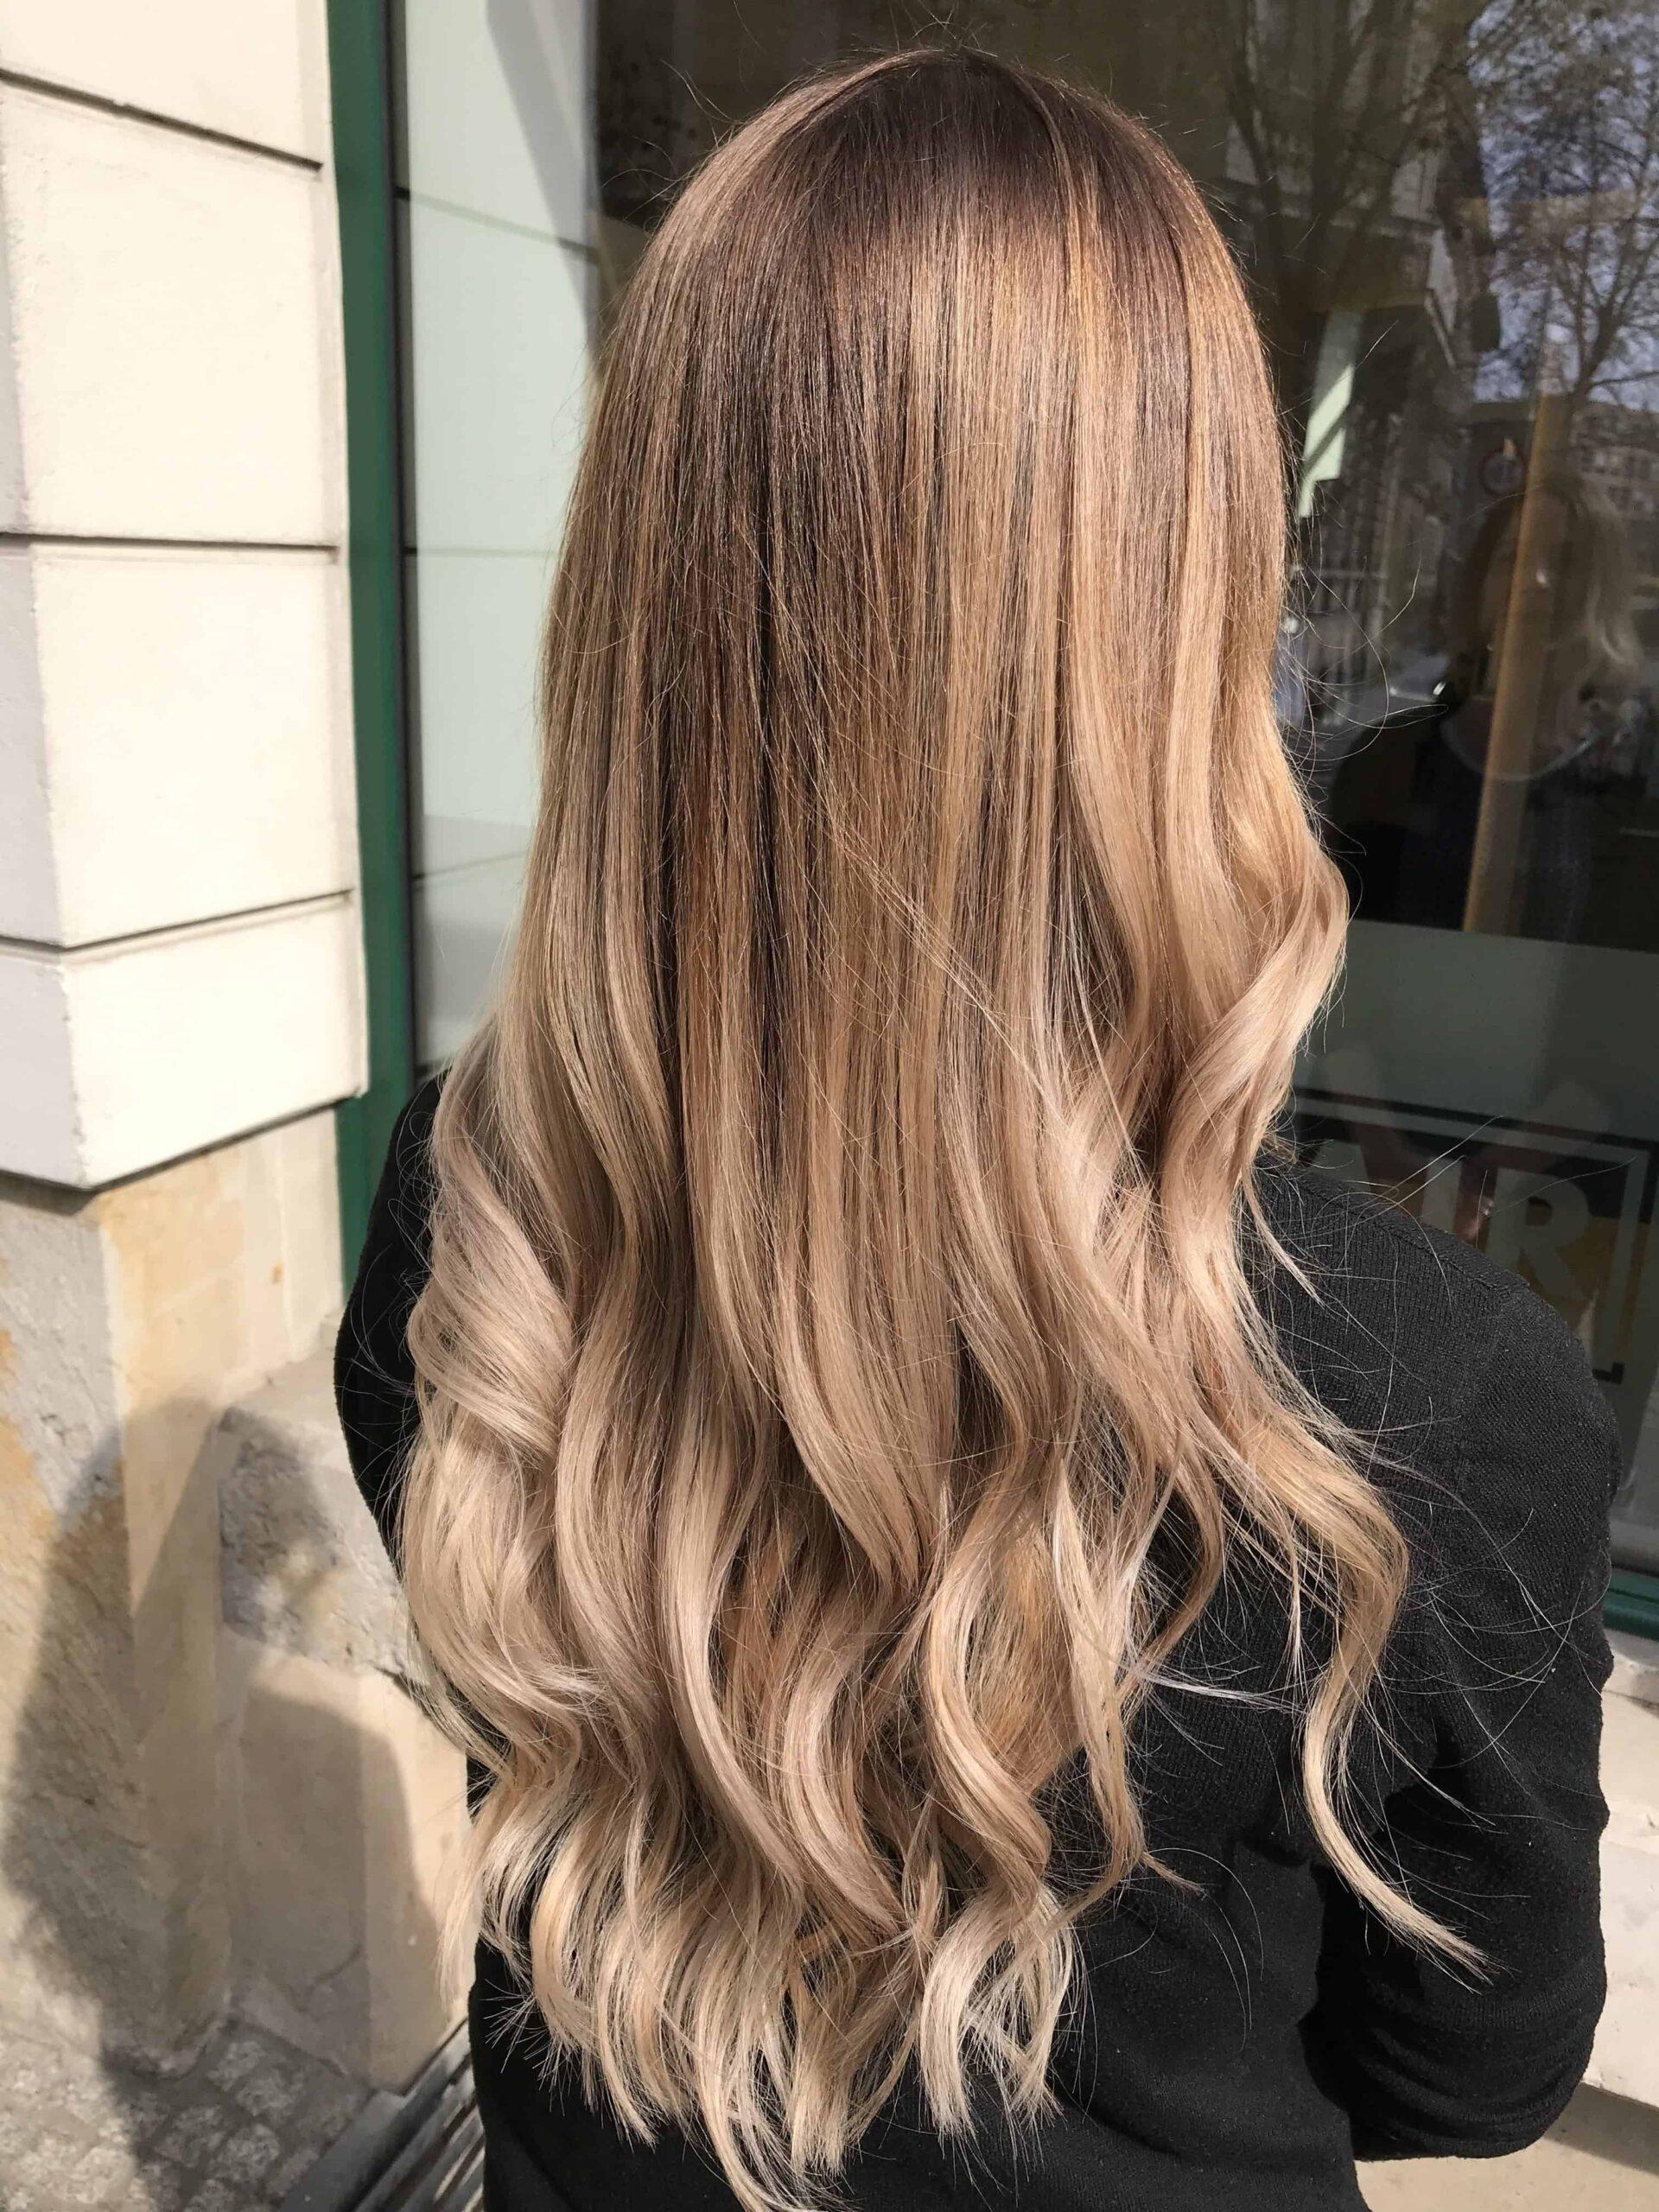 foliensträhnen dunkle haare